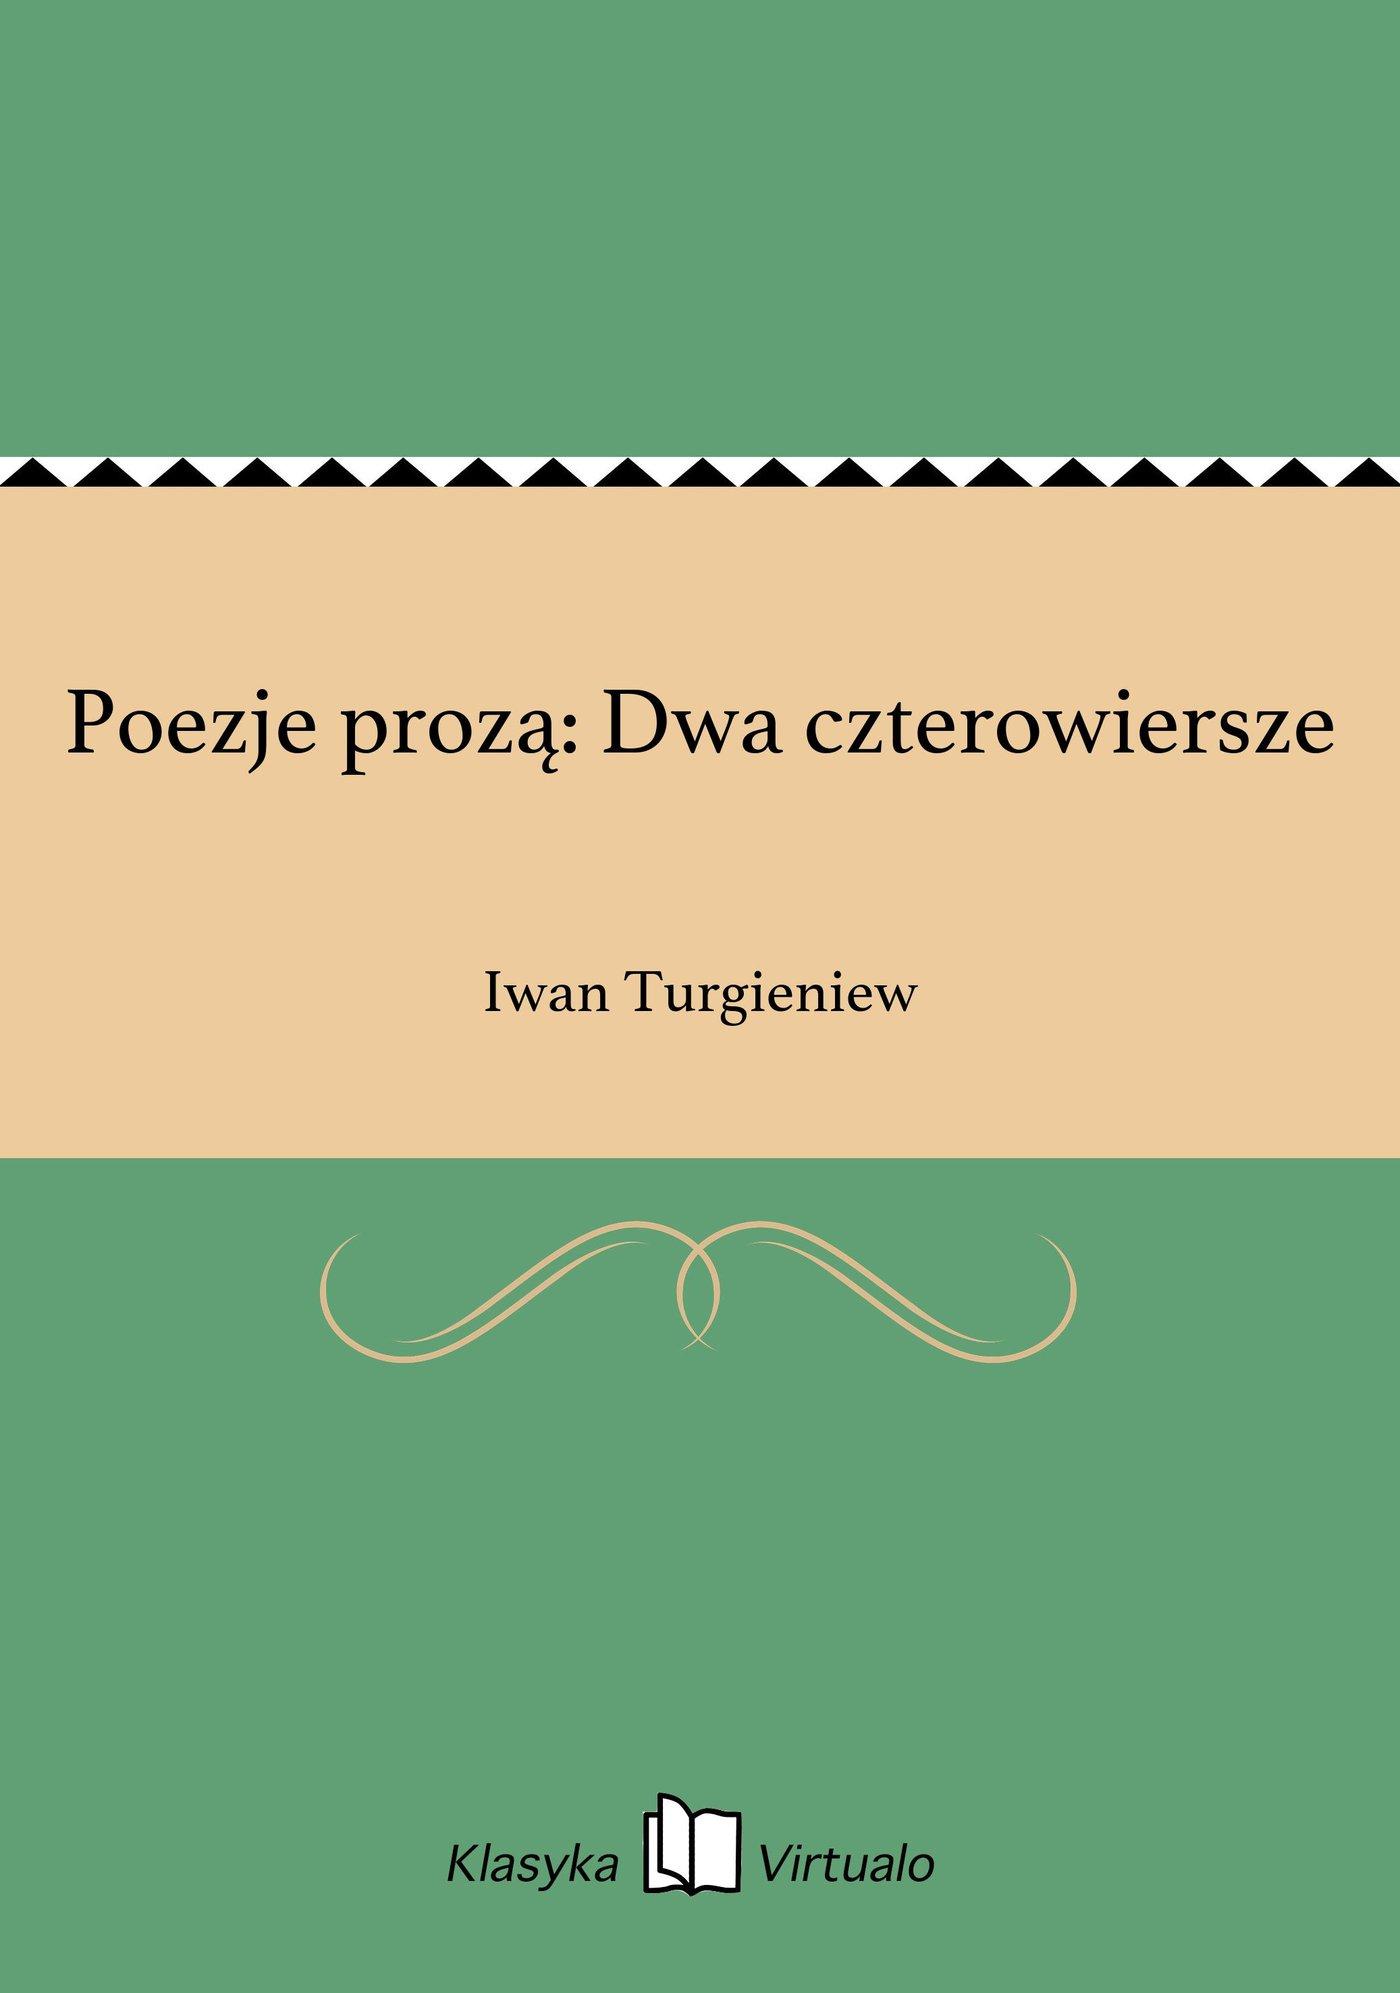 Poezje prozą: Dwa czterowiersze - Ebook (Książka EPUB) do pobrania w formacie EPUB